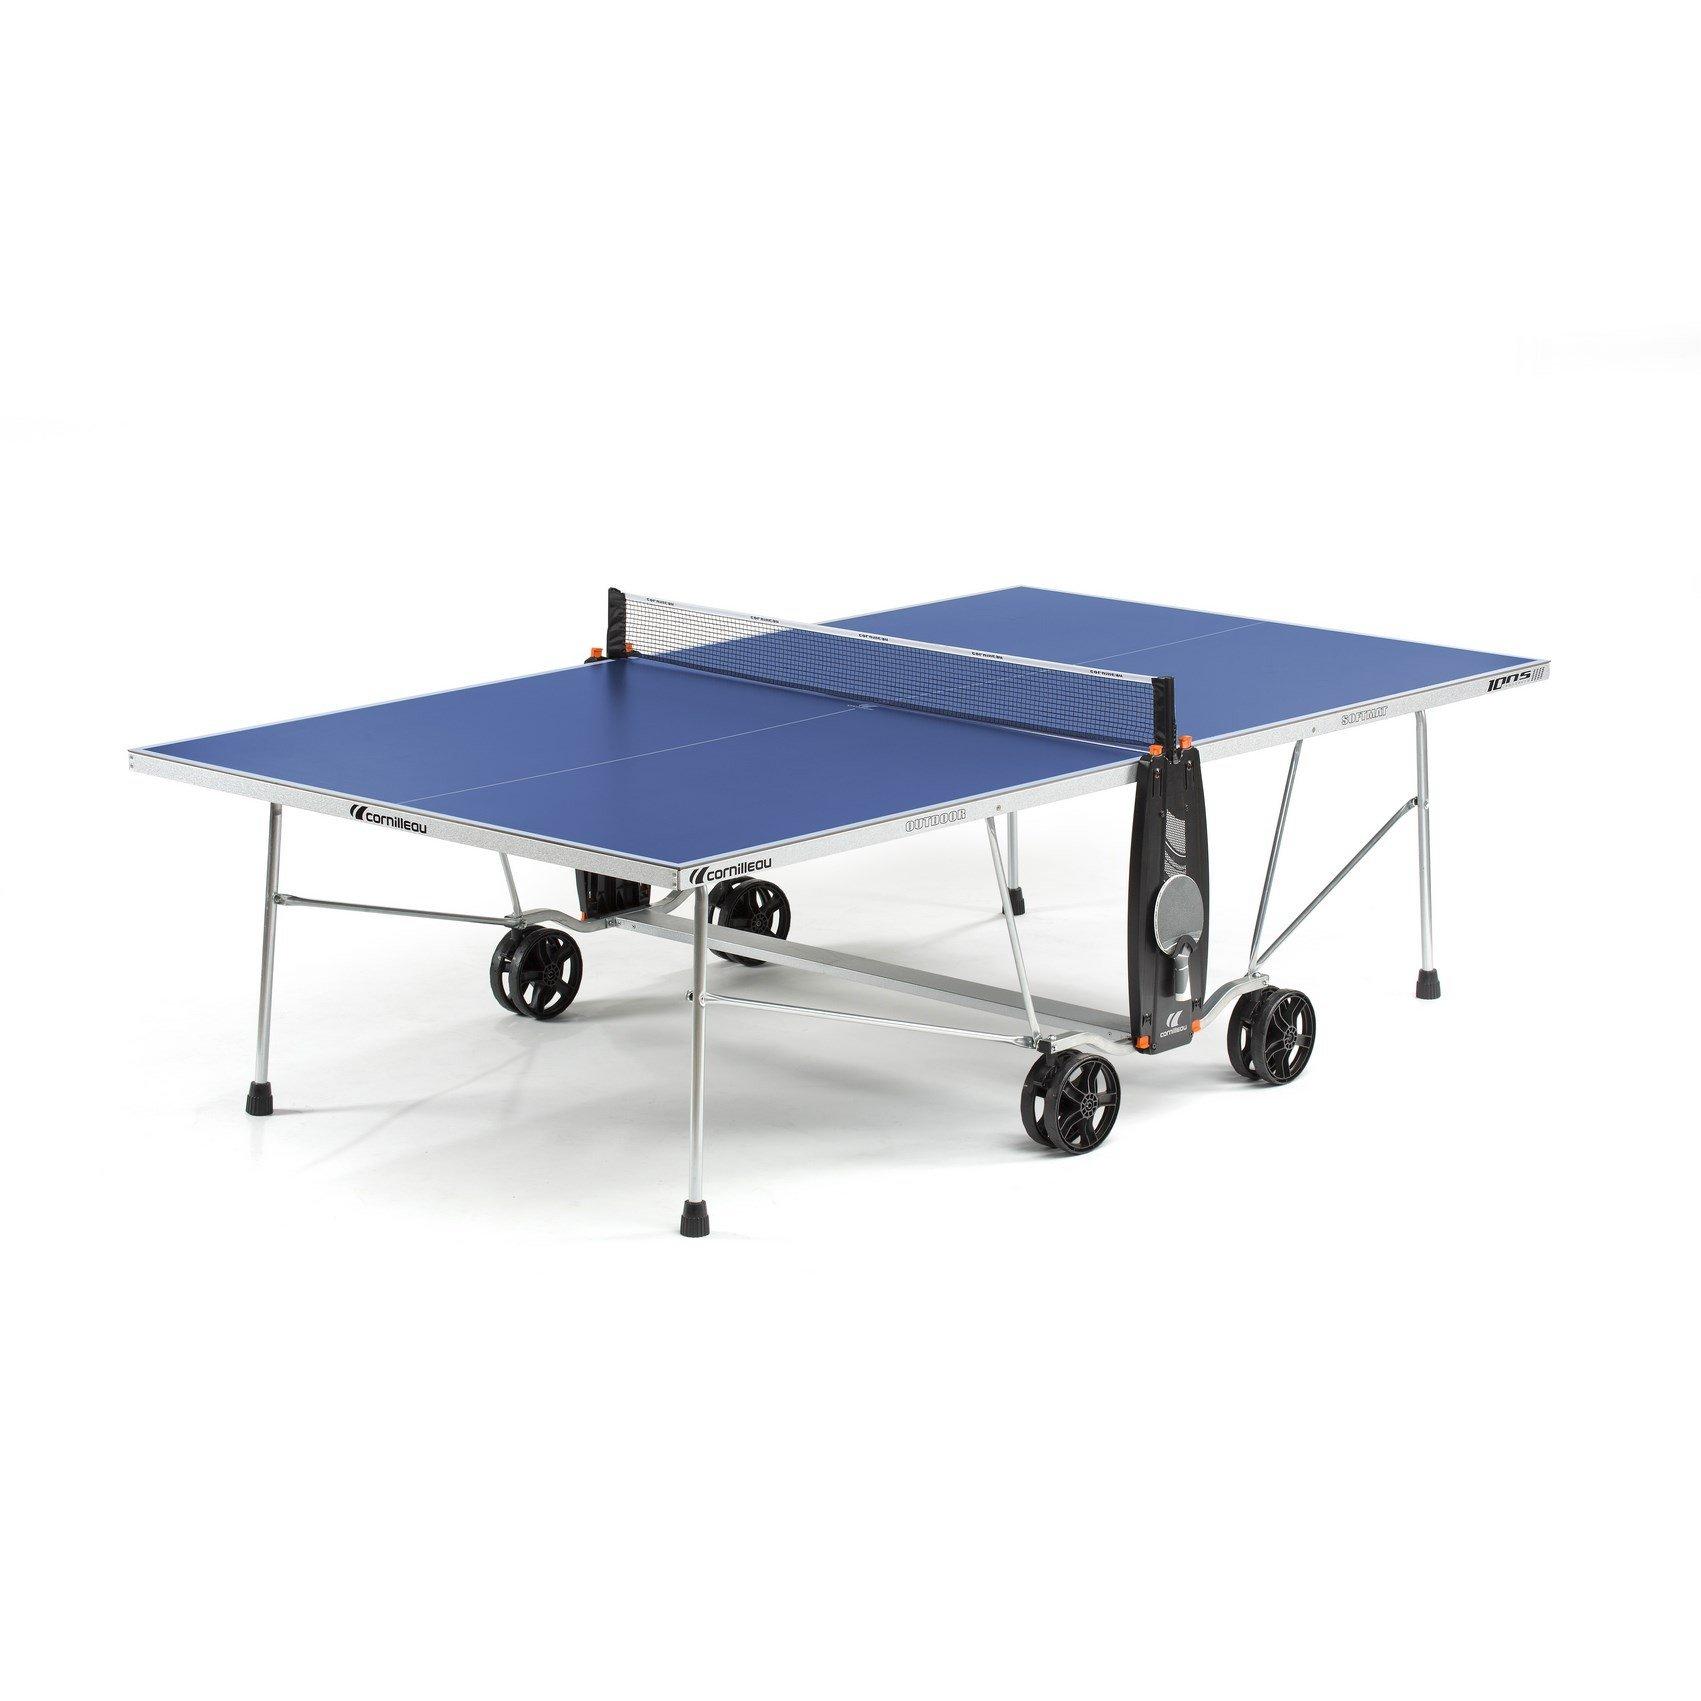 selon Top notes table de de tennis Tables les SqUMpVzG